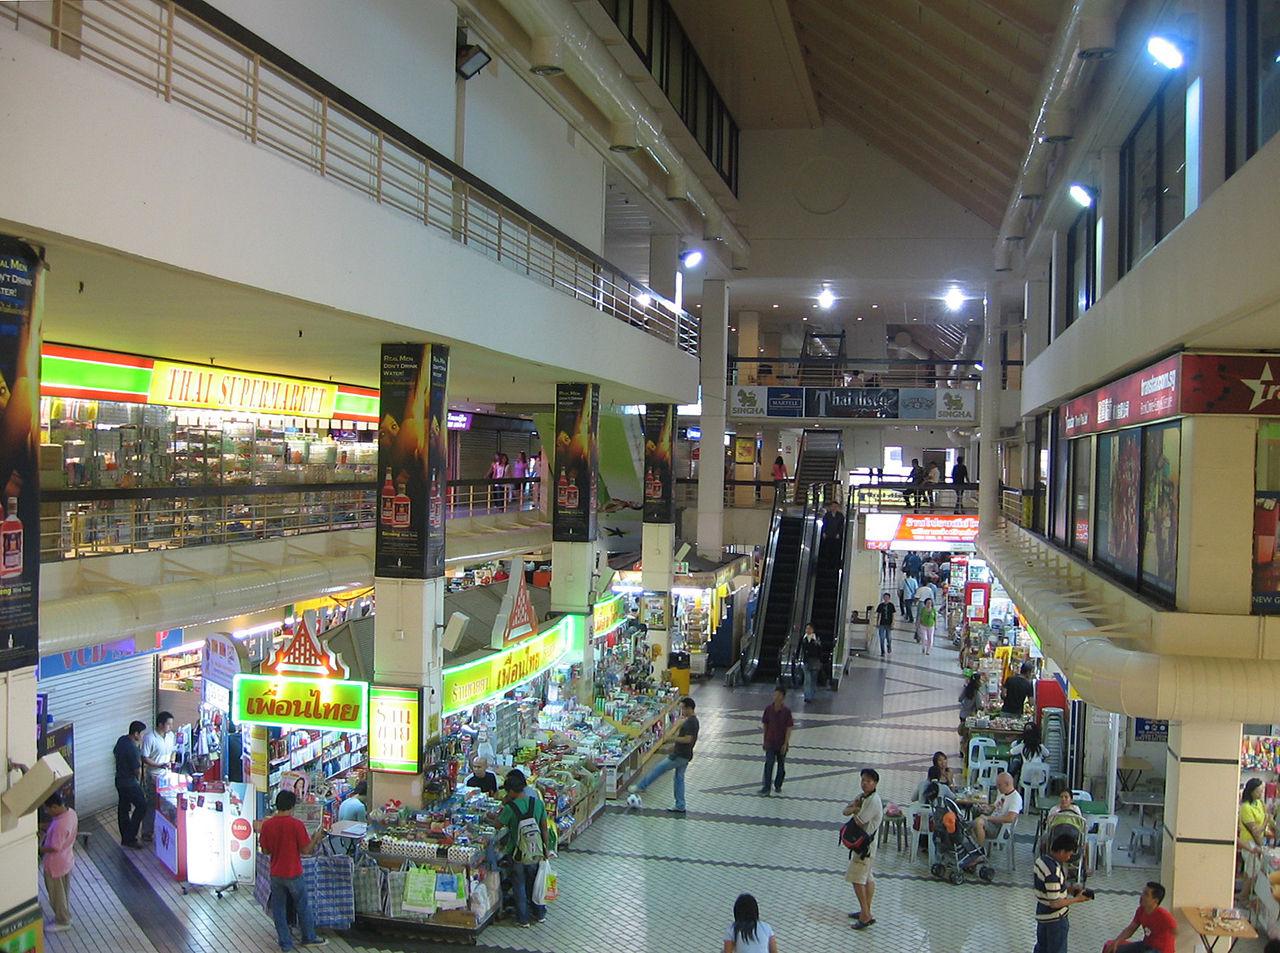 6 địa chỉ mua sắm giá rẻ tại Singapore được người Việt ưa chuộng nhất - Ảnh 6.